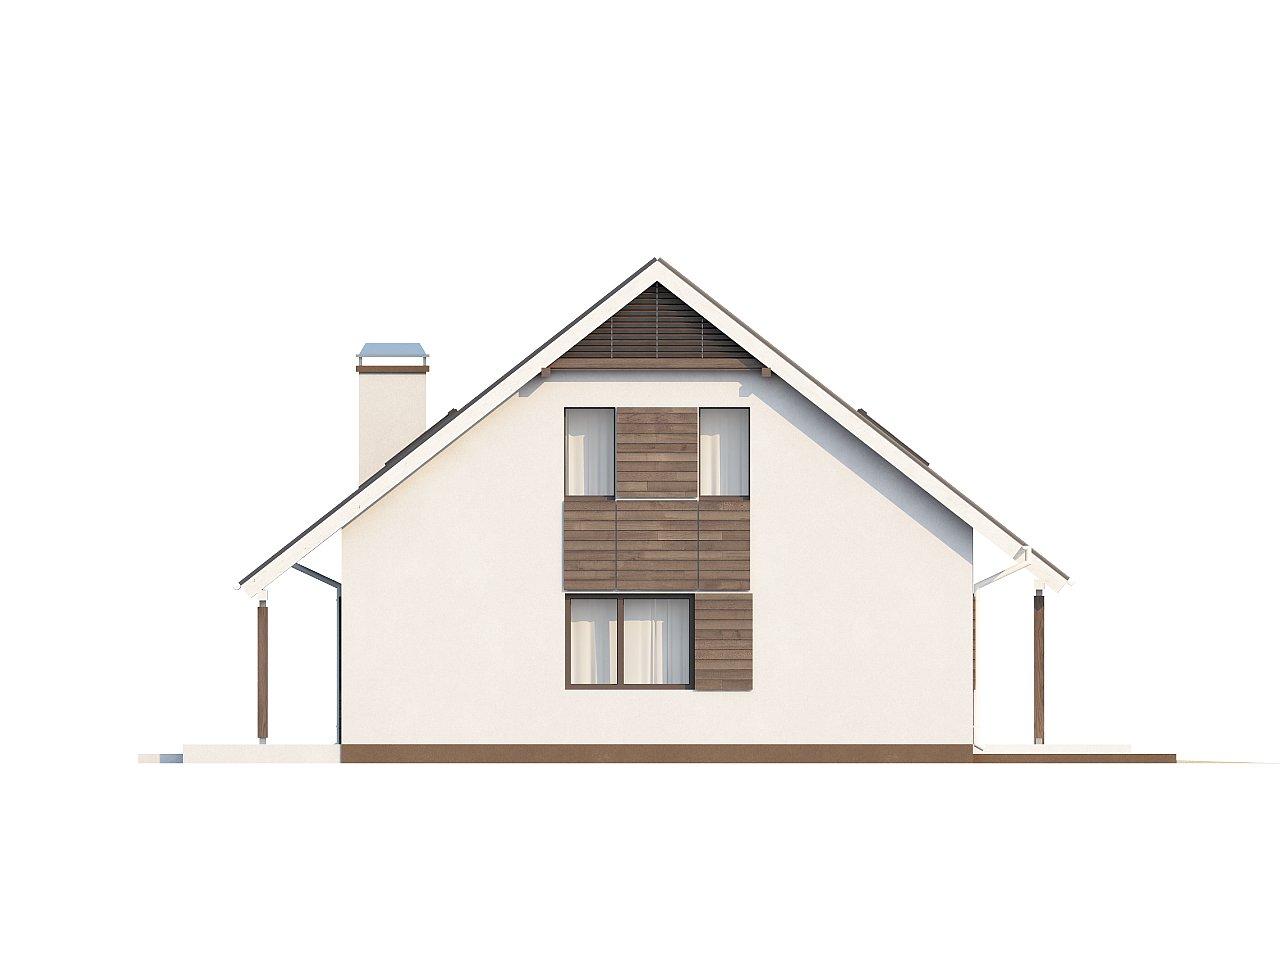 Практичный аккуратный дом с мансардой, со встроенным гаражом для одной машины. - фото 27